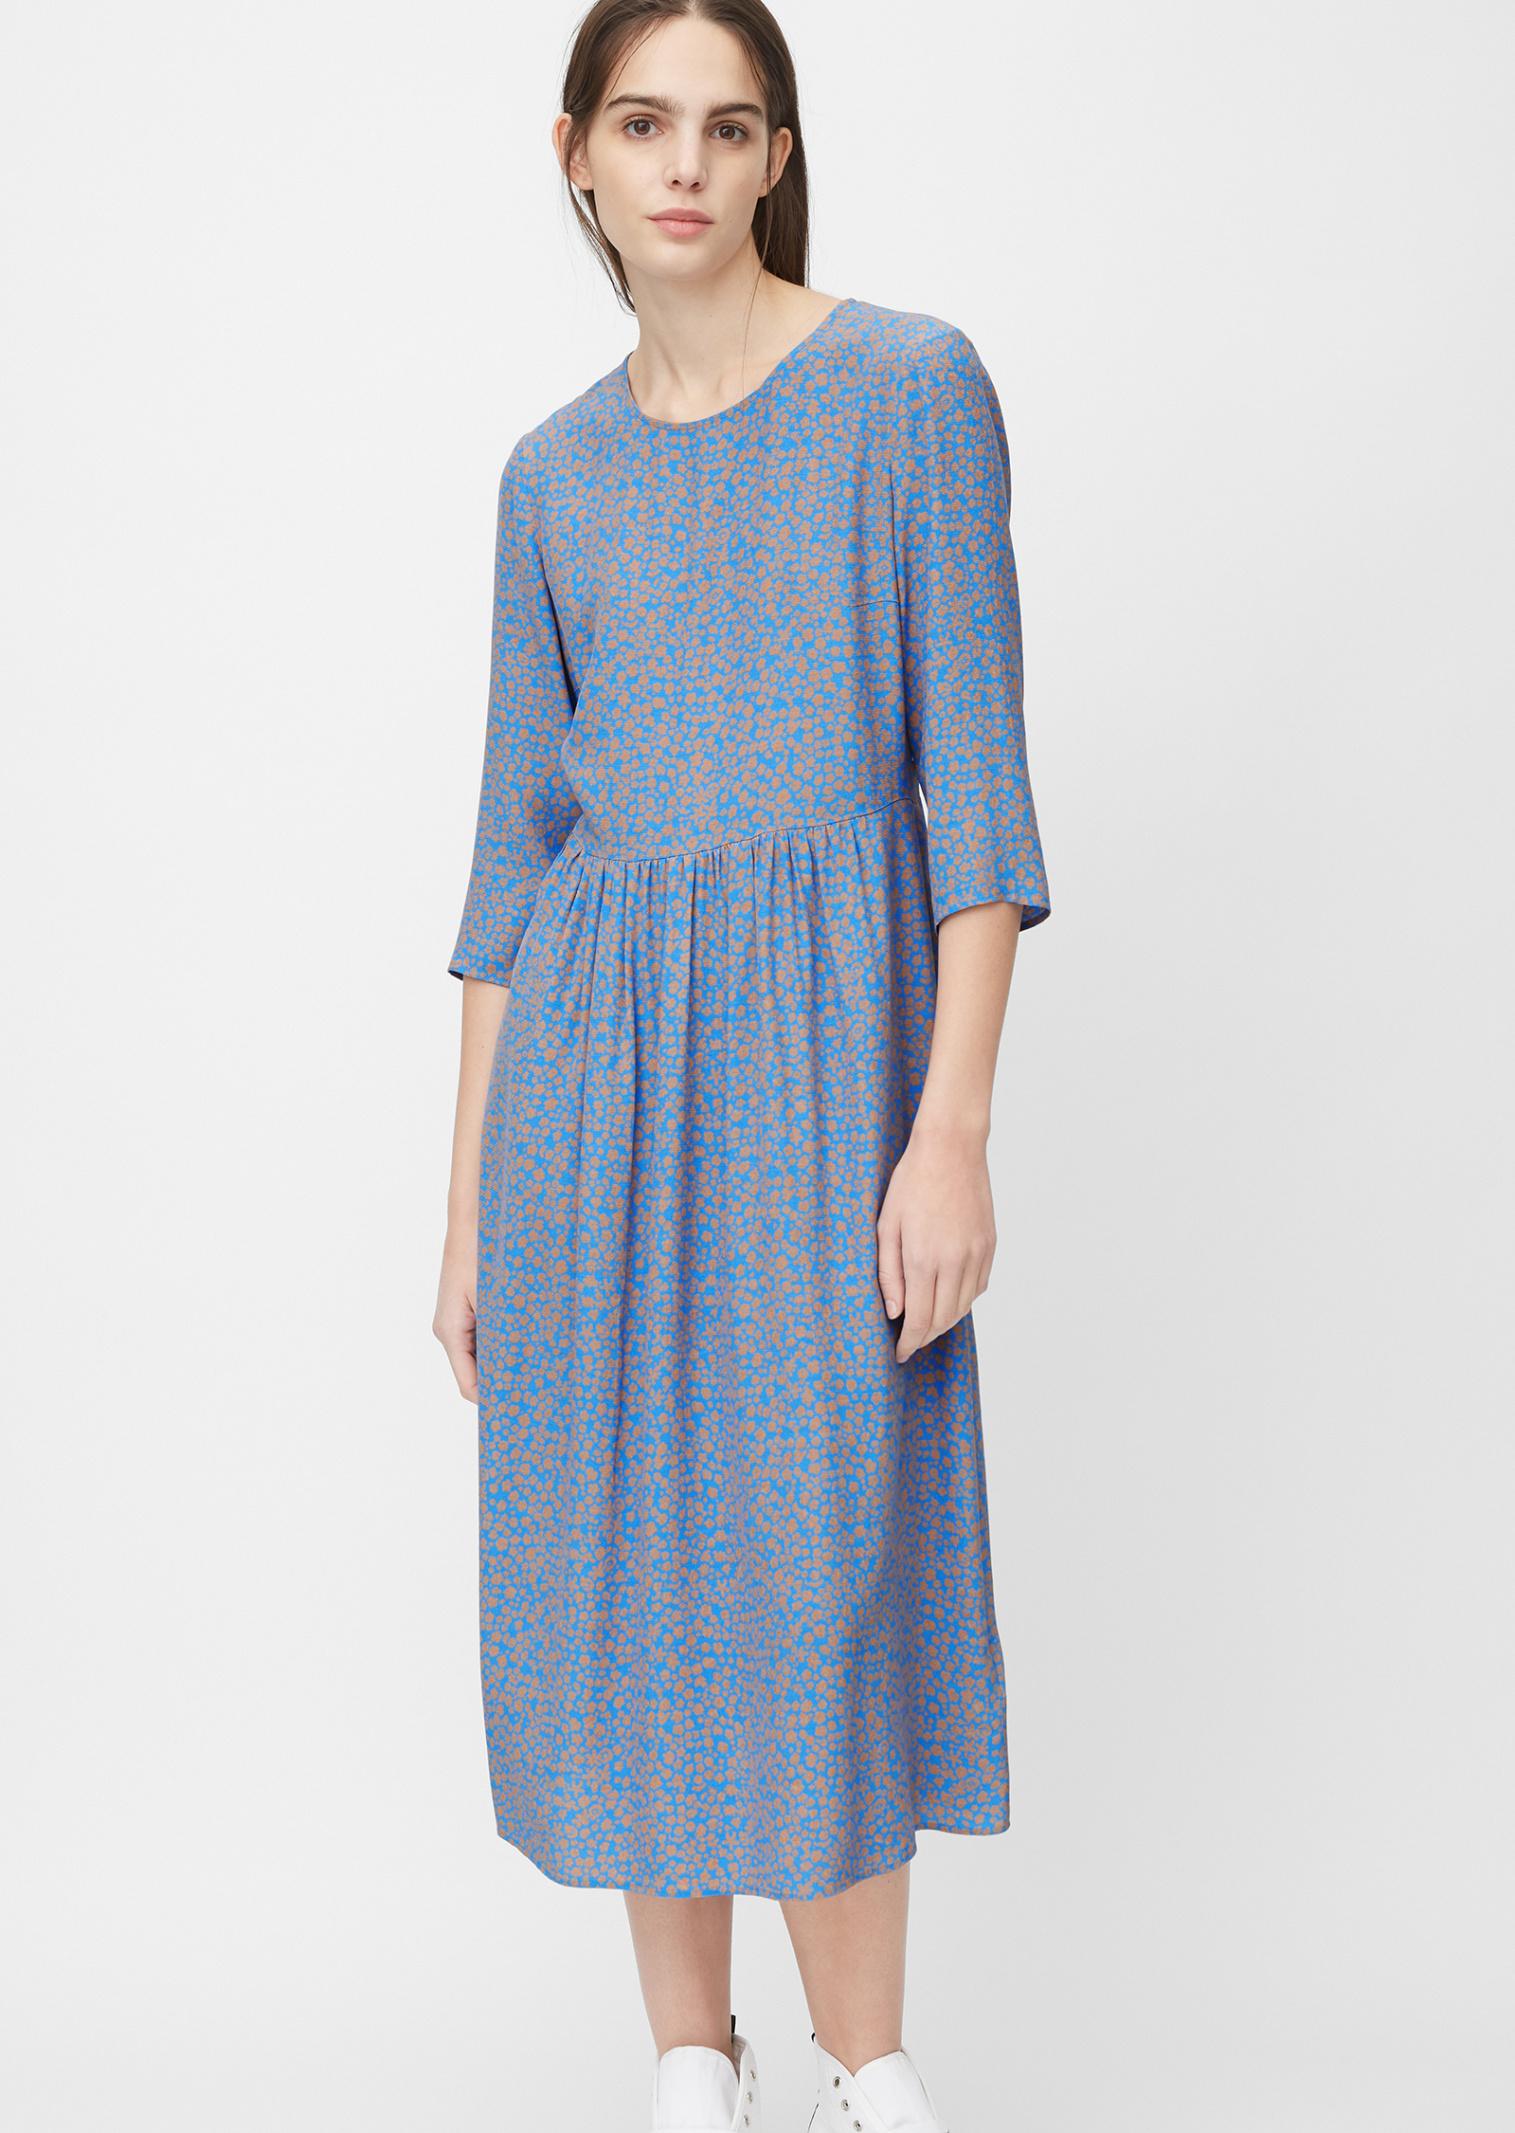 MARC O'POLO DENIM Сукня жіночі модель 042113821135-S65 , 2017